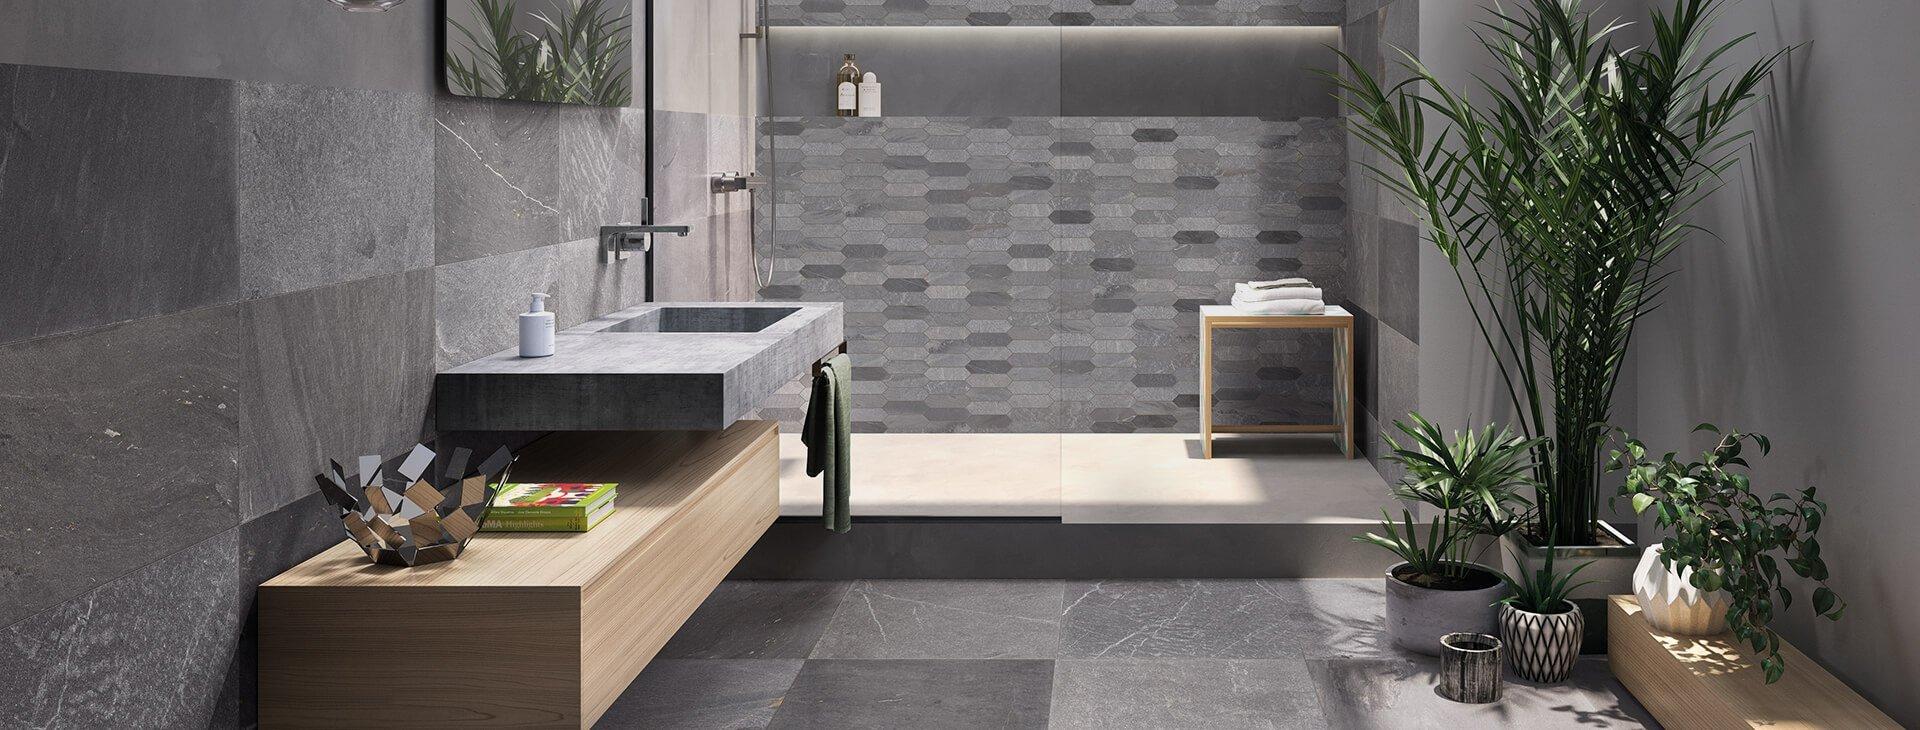 kerana keramik und natursteinhandel ihre stores im stilwerk berlin. Black Bedroom Furniture Sets. Home Design Ideas